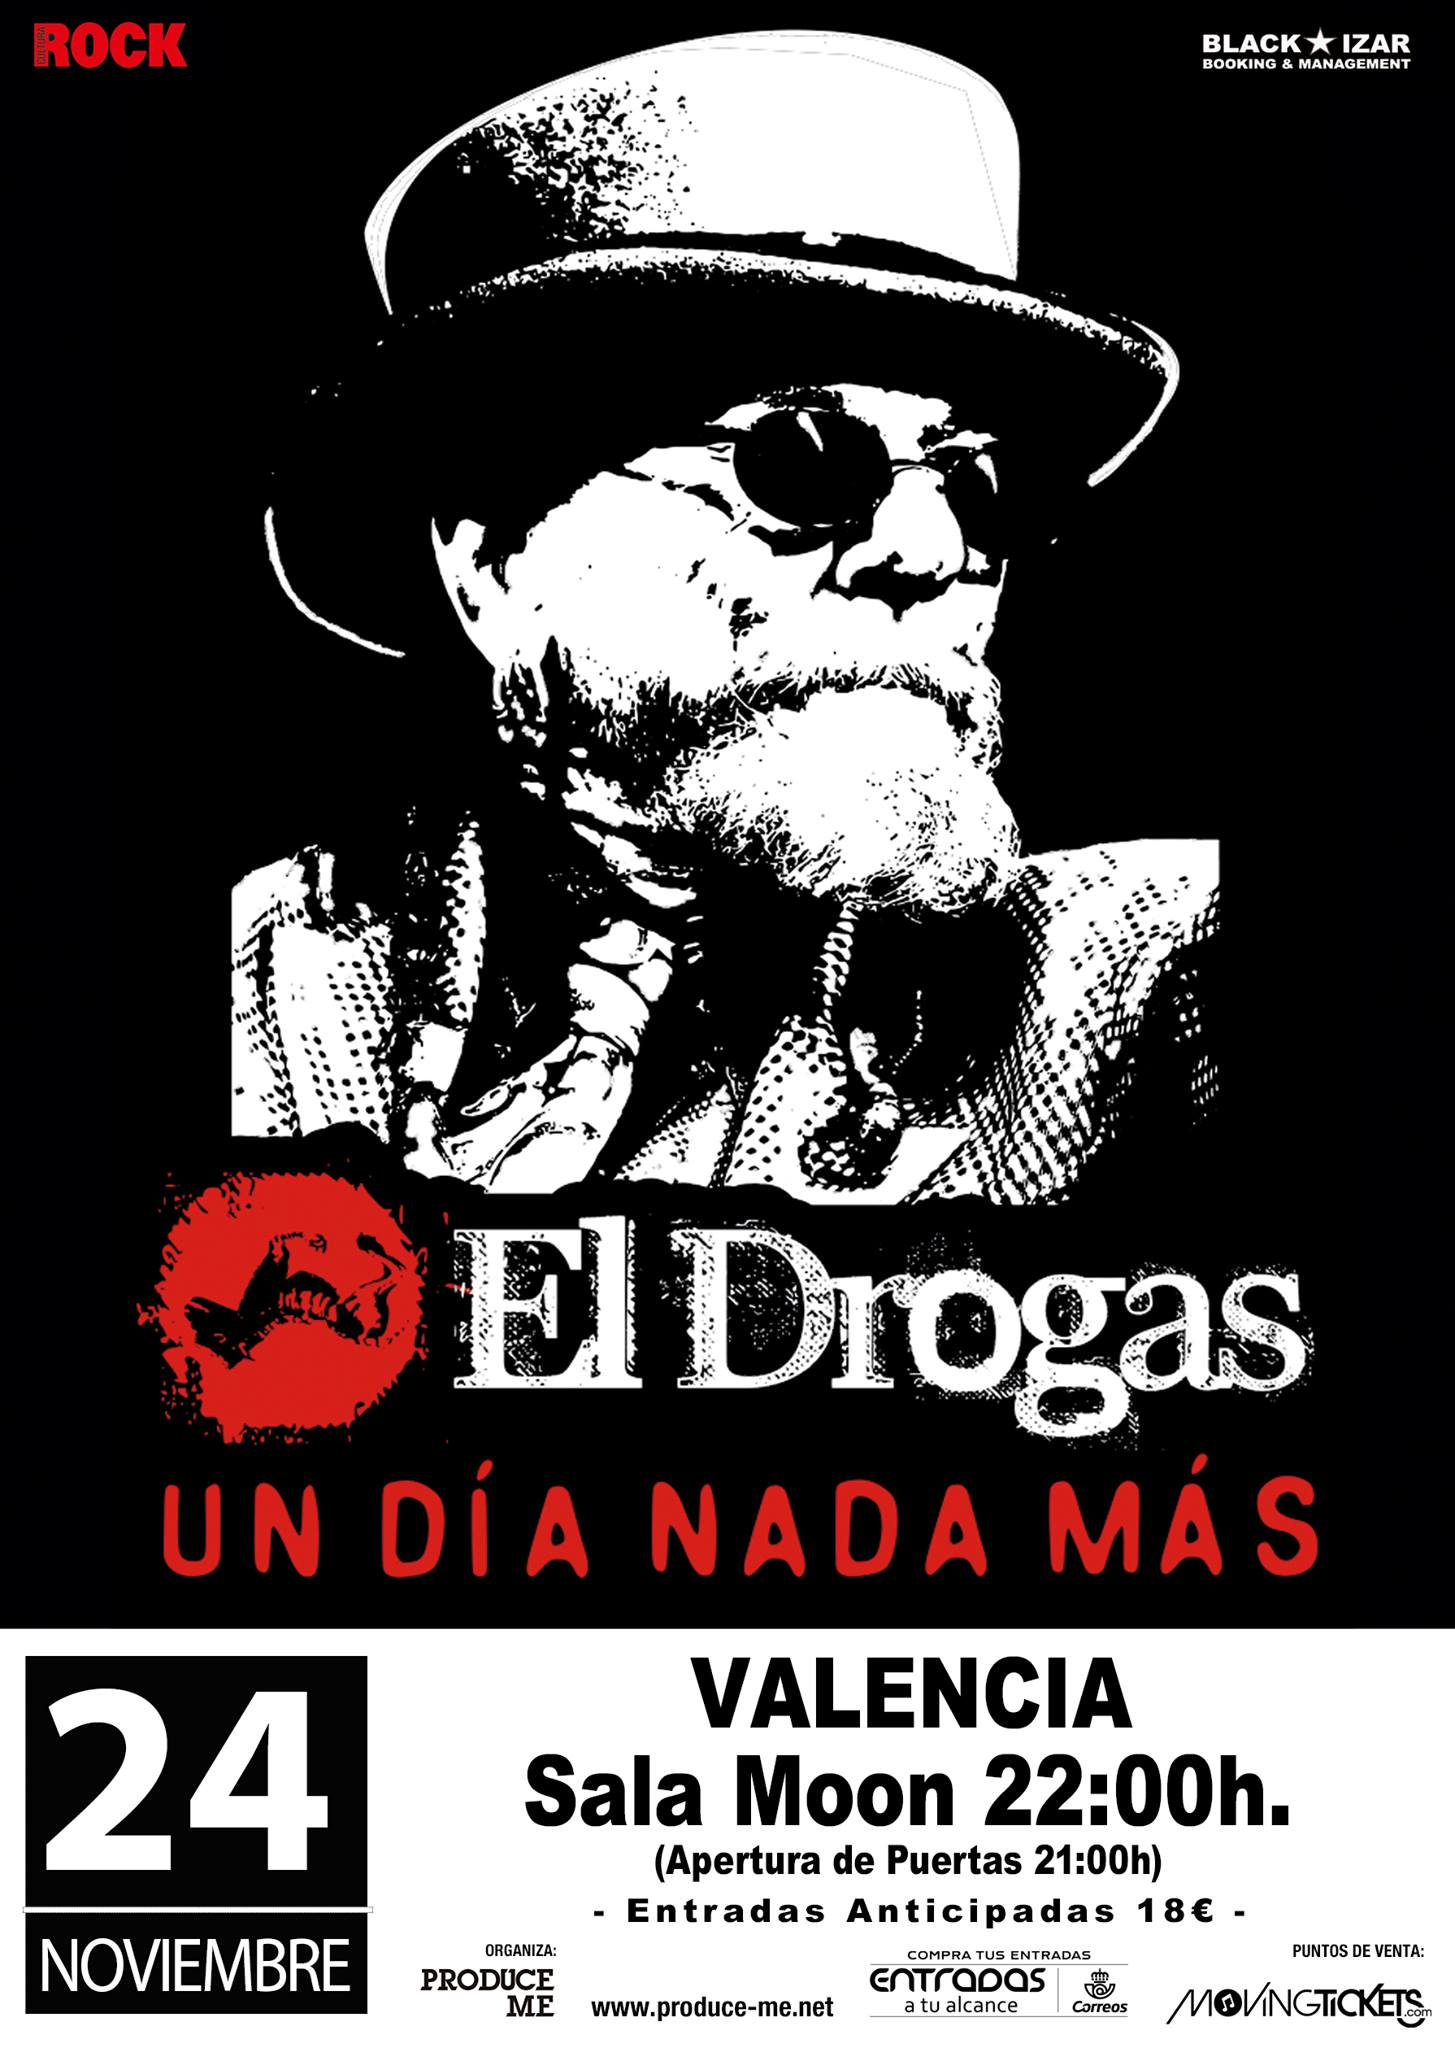 El Drogas Valencia